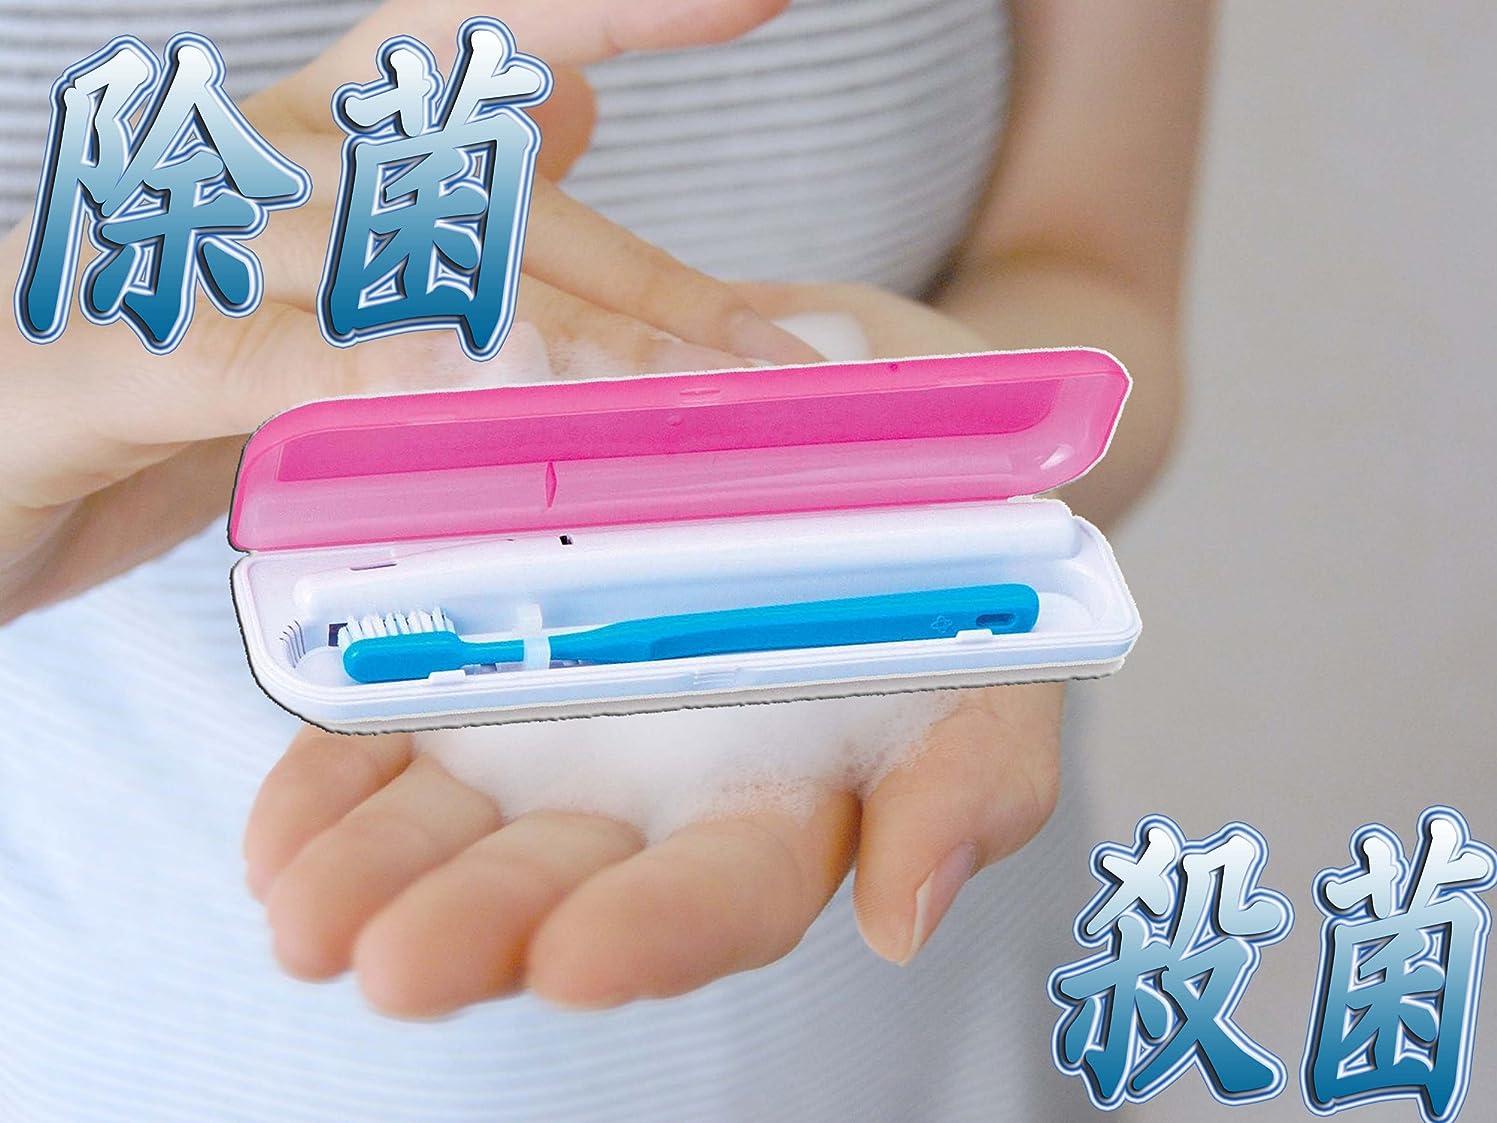 ハンディキャップエンティティフォージ歯ブラシの隅々まで殺菌&除菌!! 除菌歯ブラシ 携帯ケース 電池式 15408